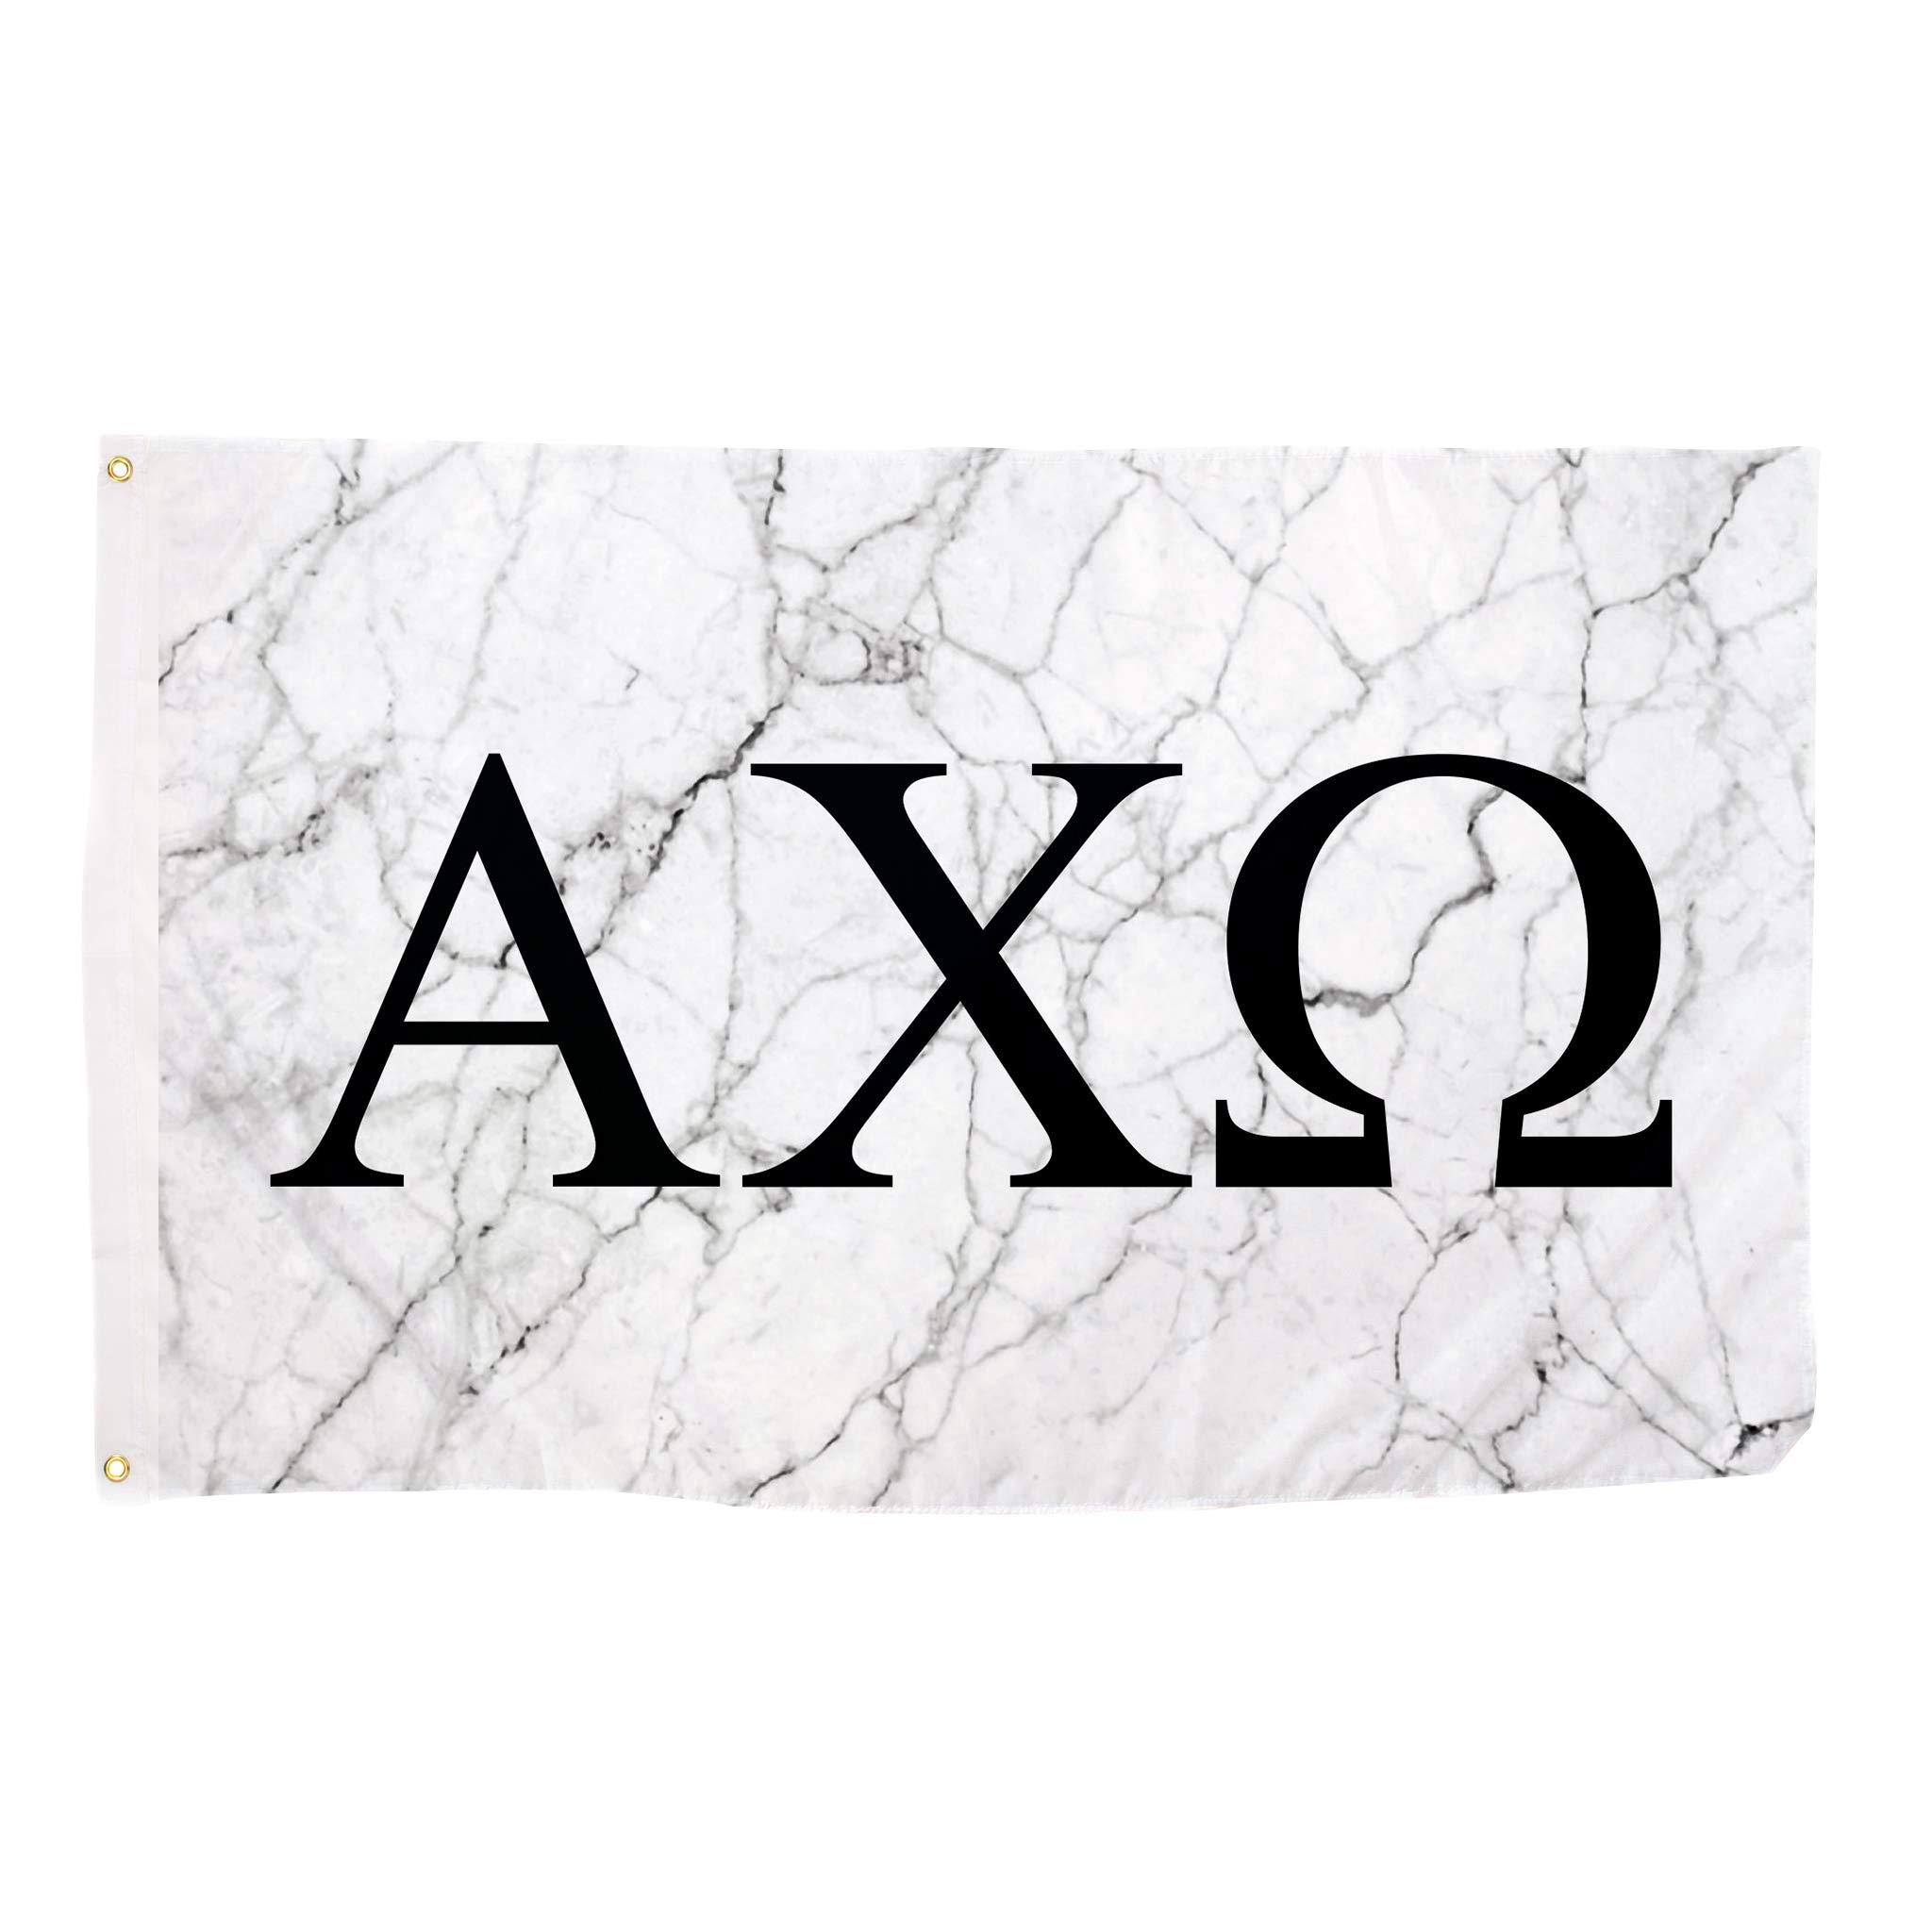 Alpha Chi Omega Light Marble Sorority Letter Flag Banner 3 x 5 Sign Decor AXO